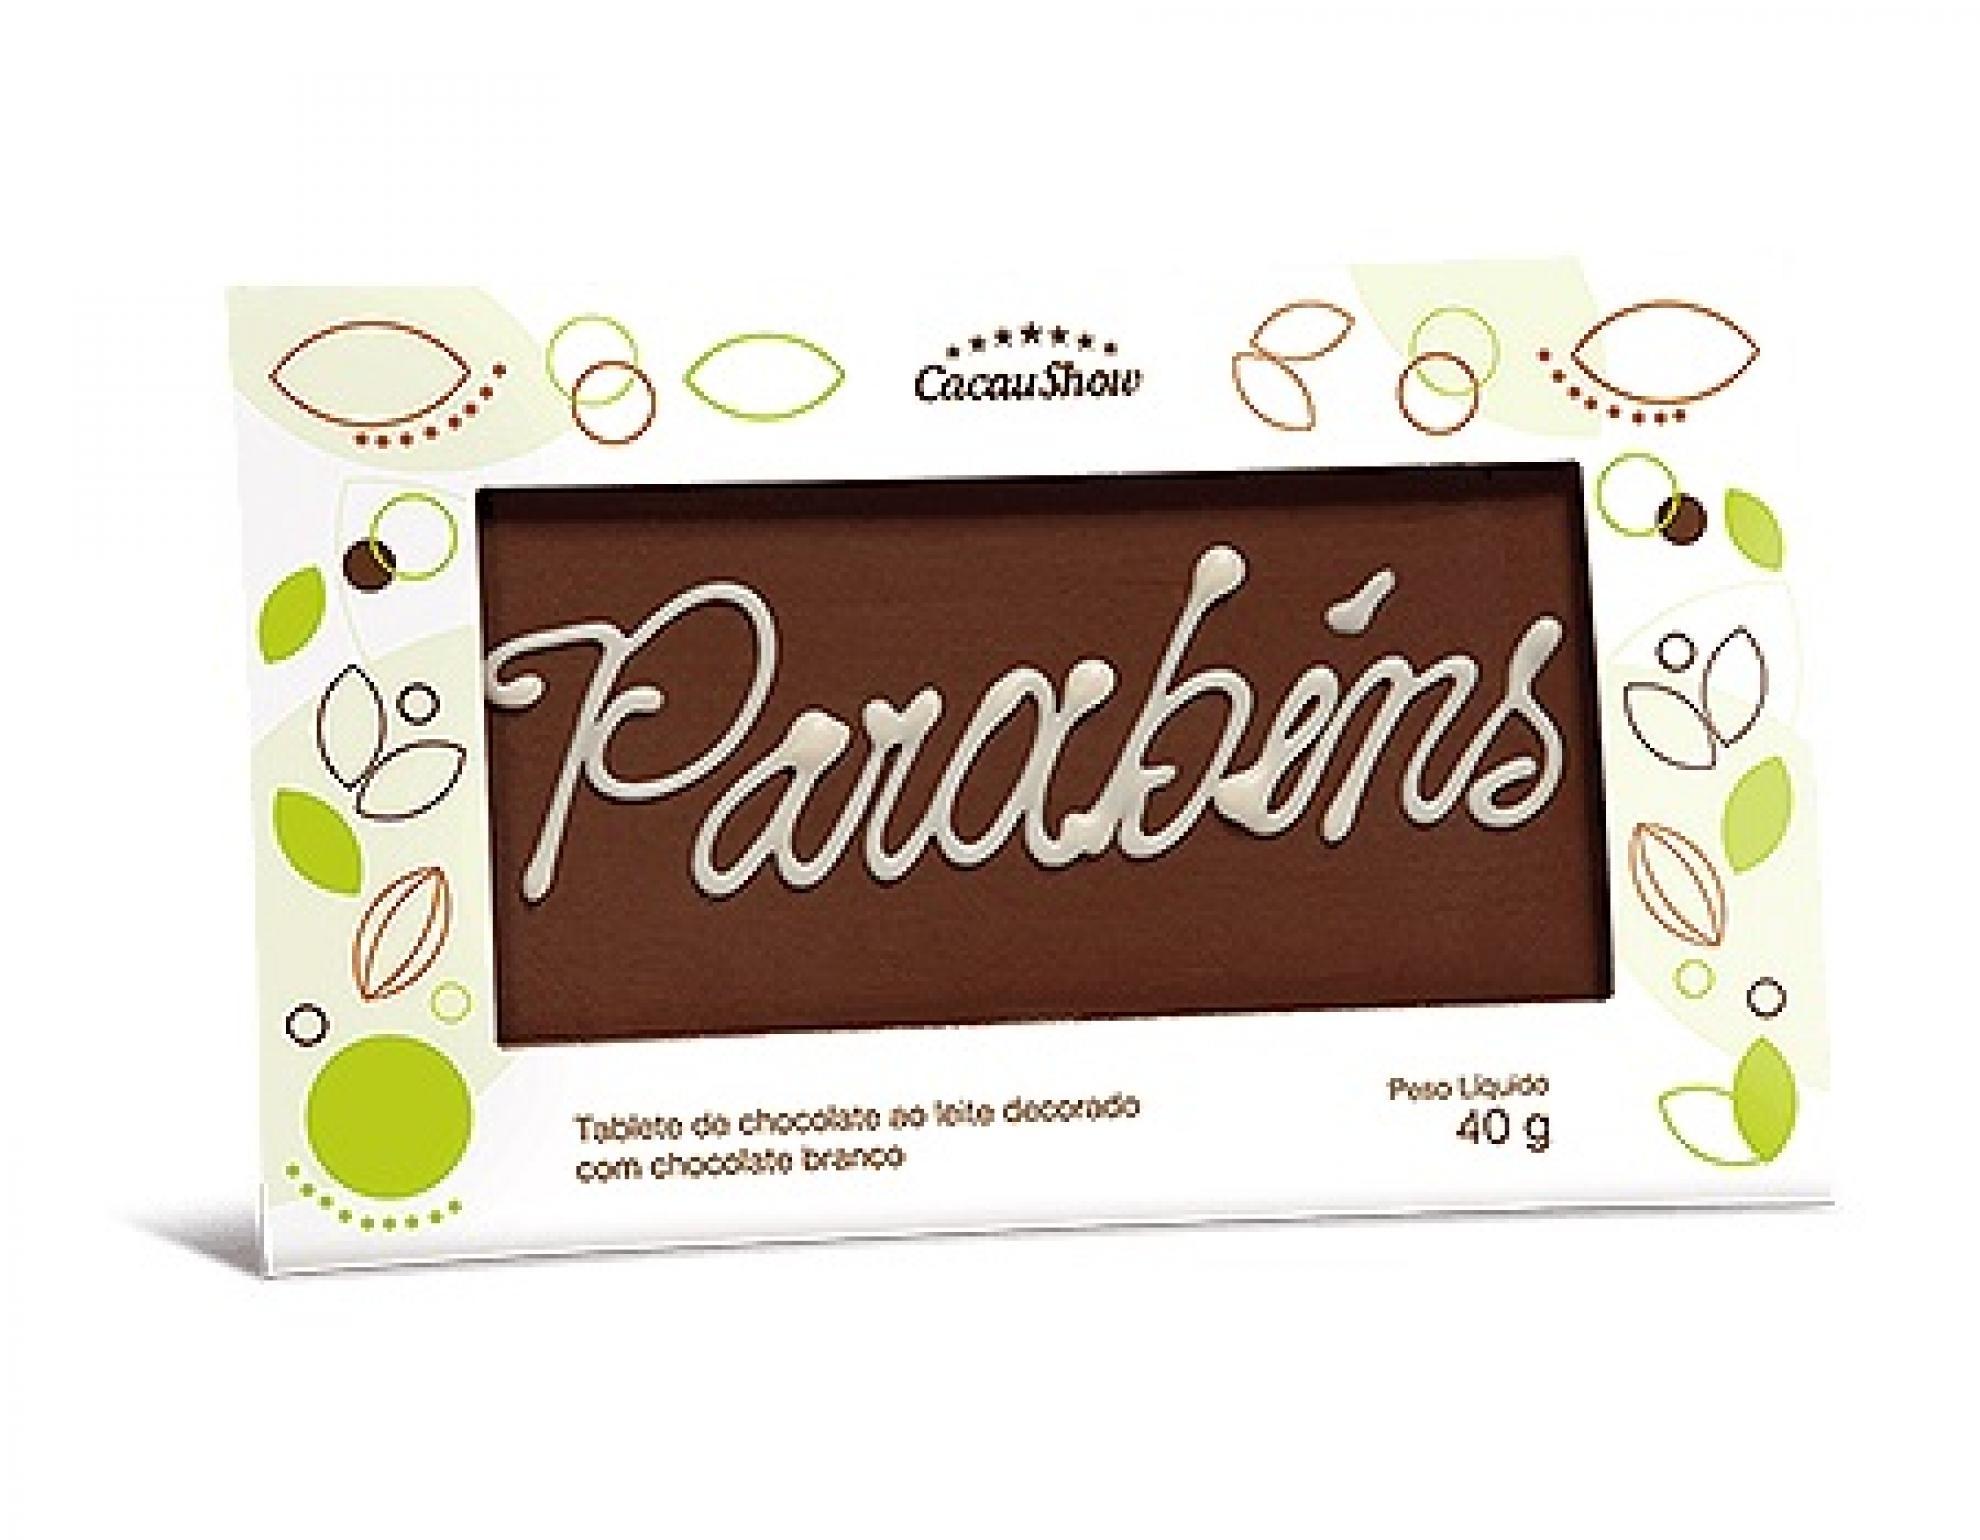 Chocolate Mensagem Cacau Show - 6102